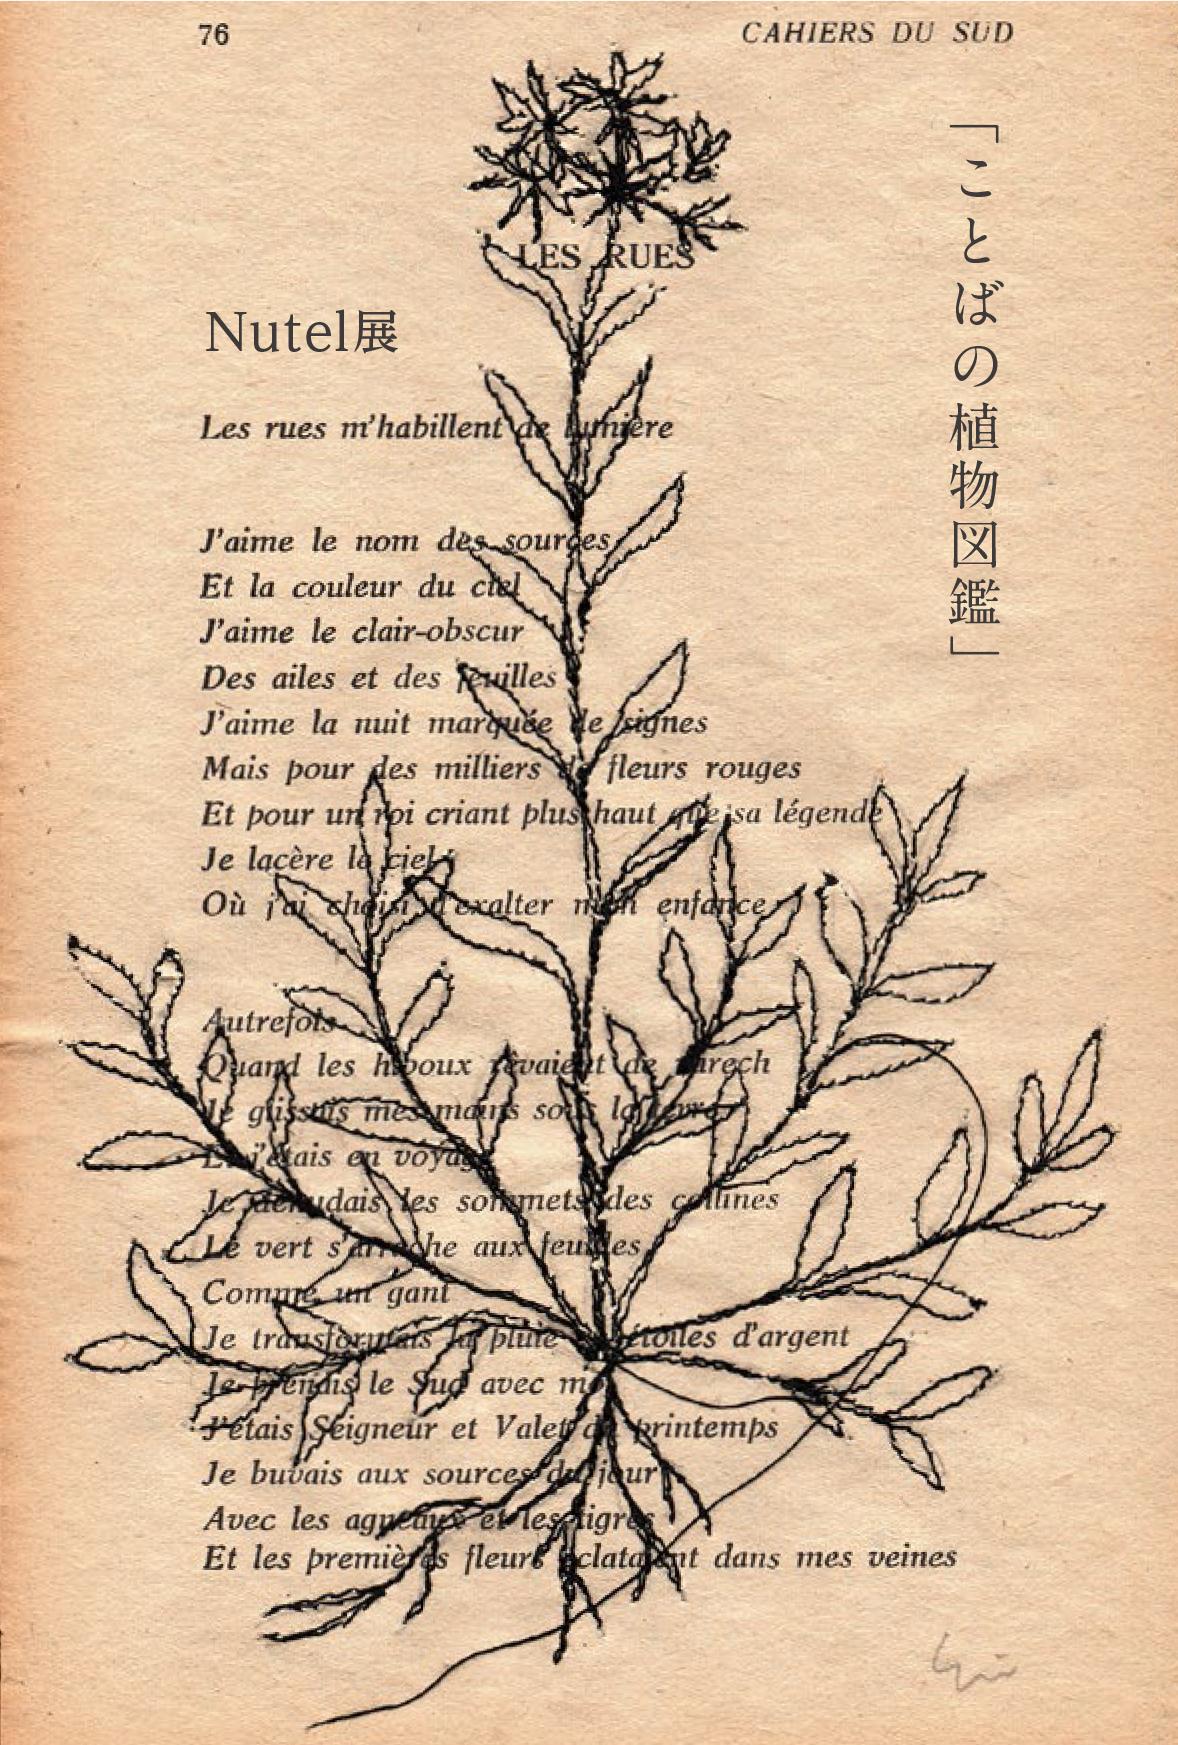 「ことばの植物図鑑」Nutel展